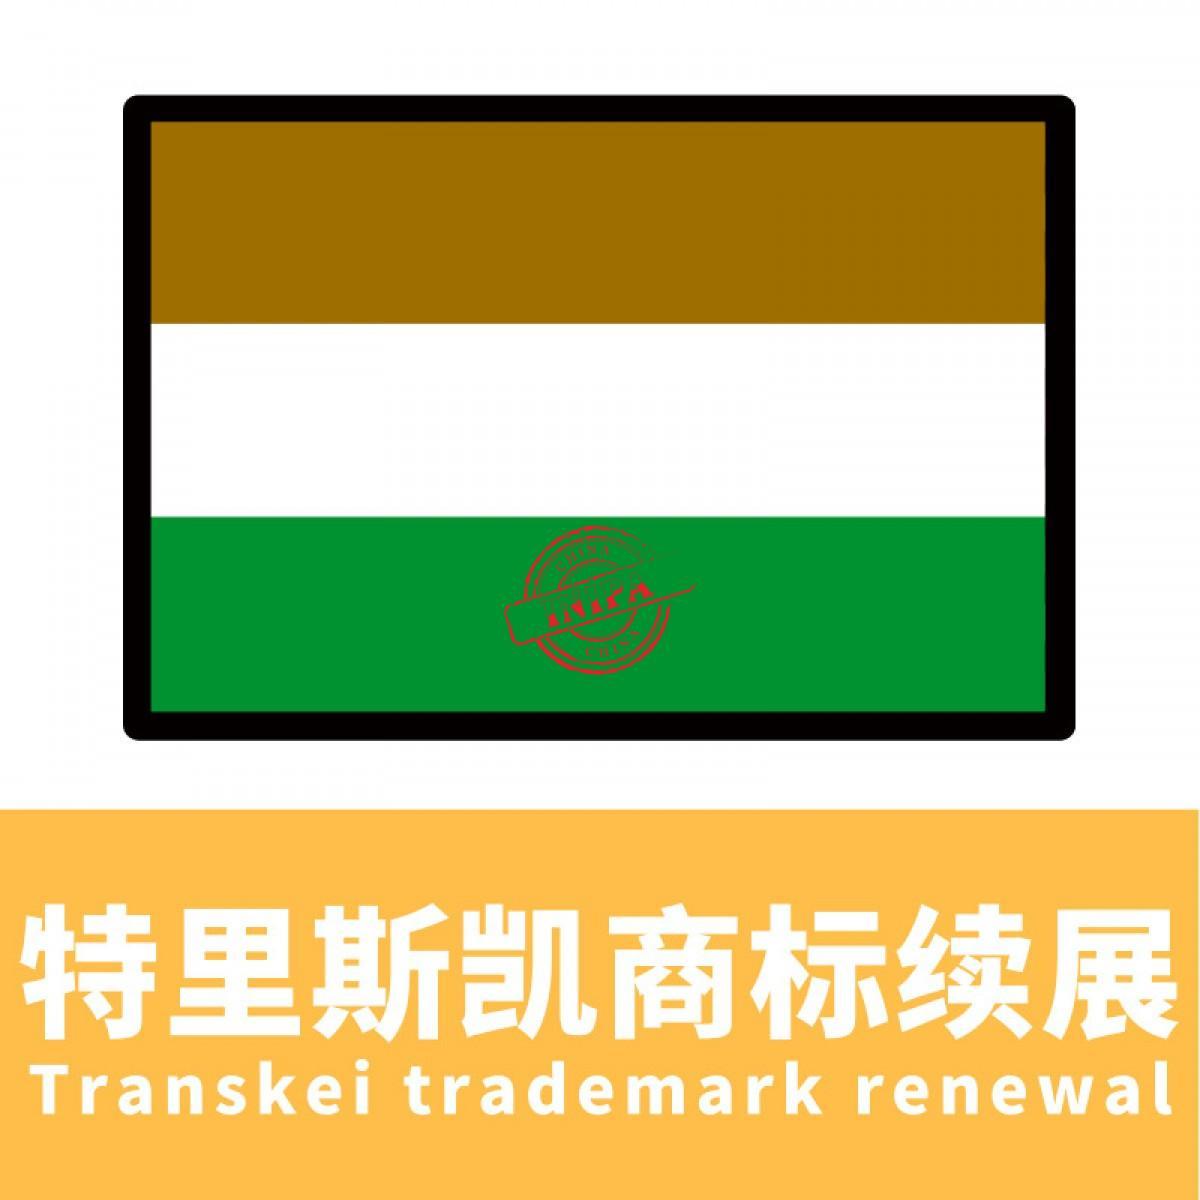 特兰斯凯商标续展/Transkei trademark renewal